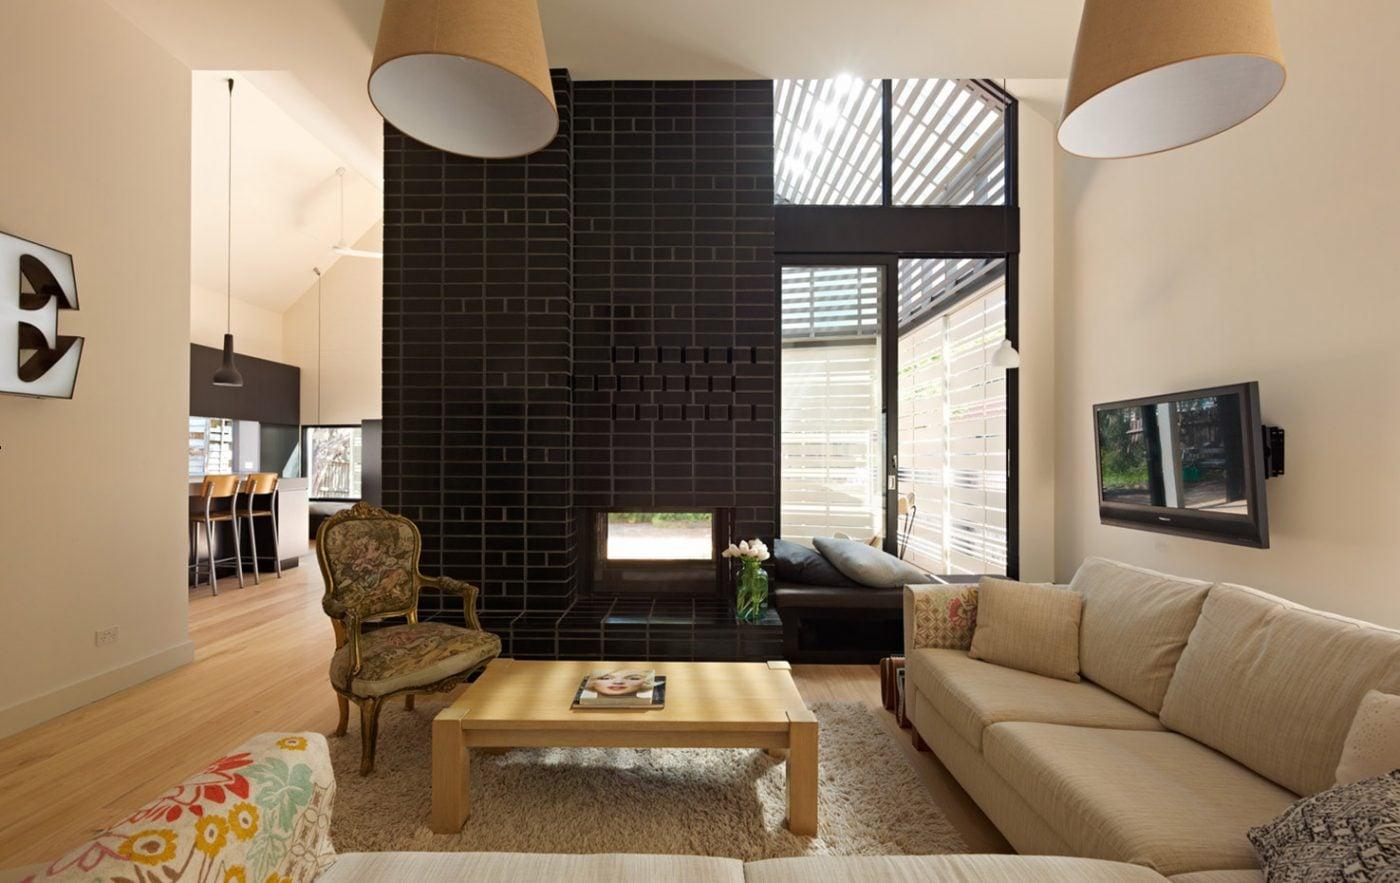 Make Architecture - Studio House